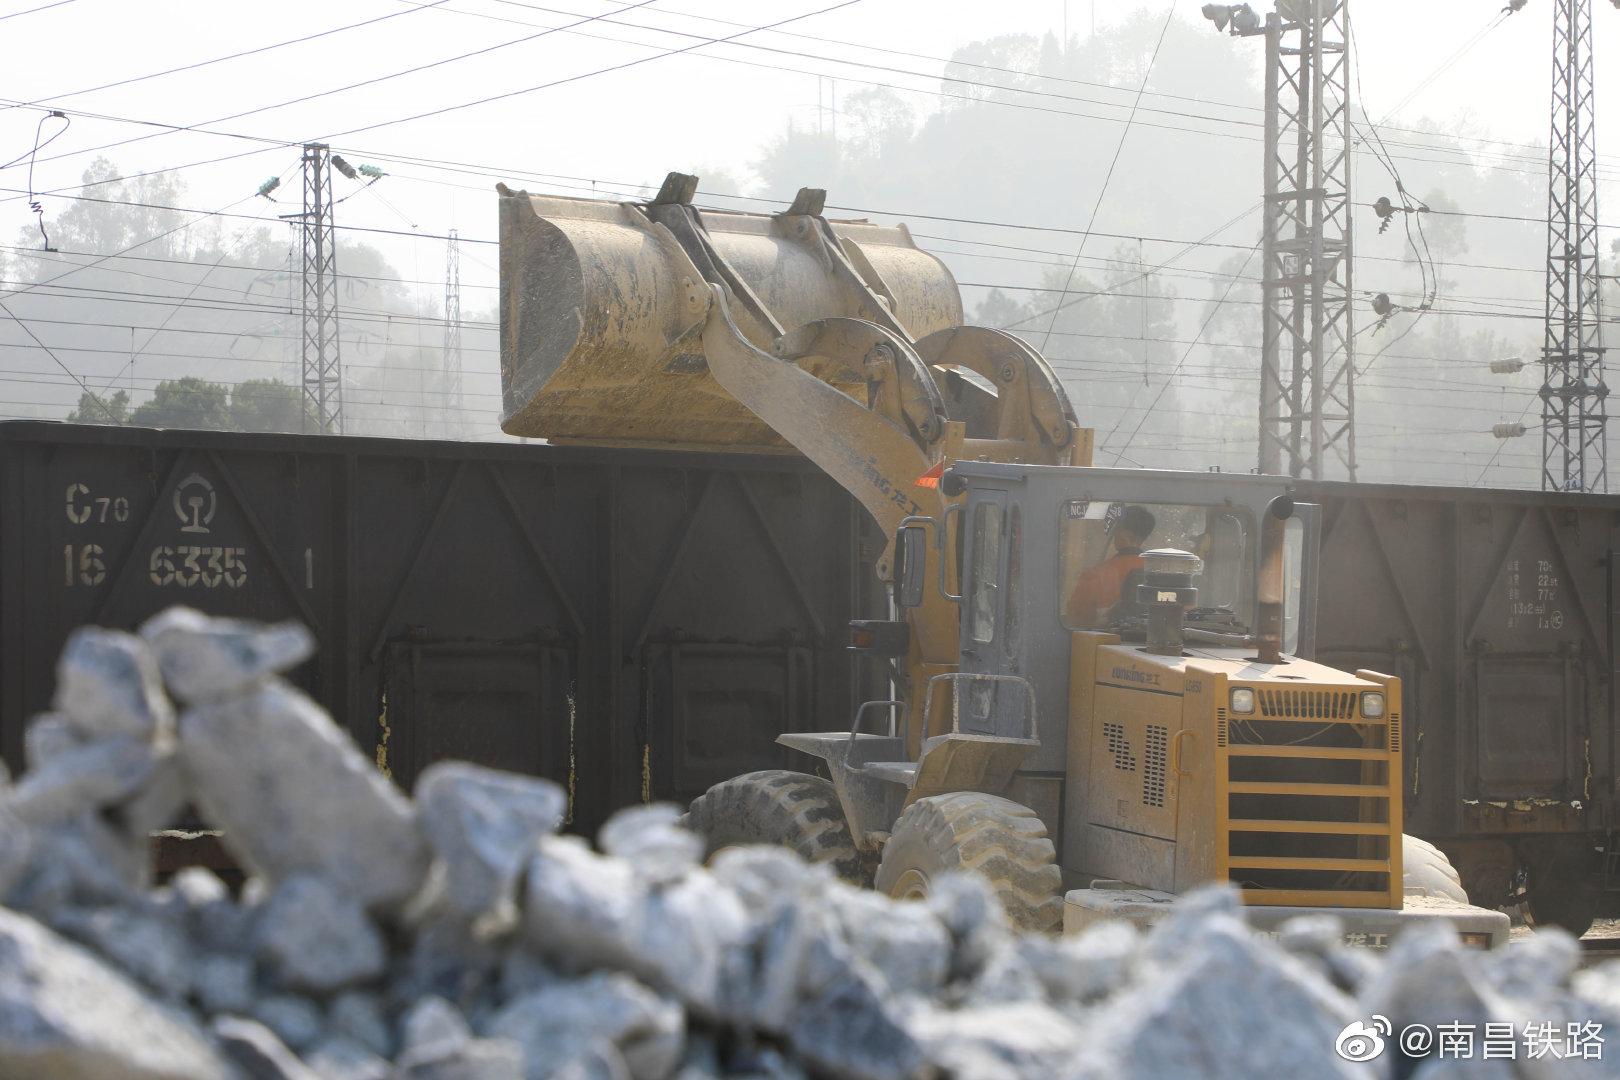 复工复产铁路人在行动@南铁永安车务段装运重晶石等大宗货物